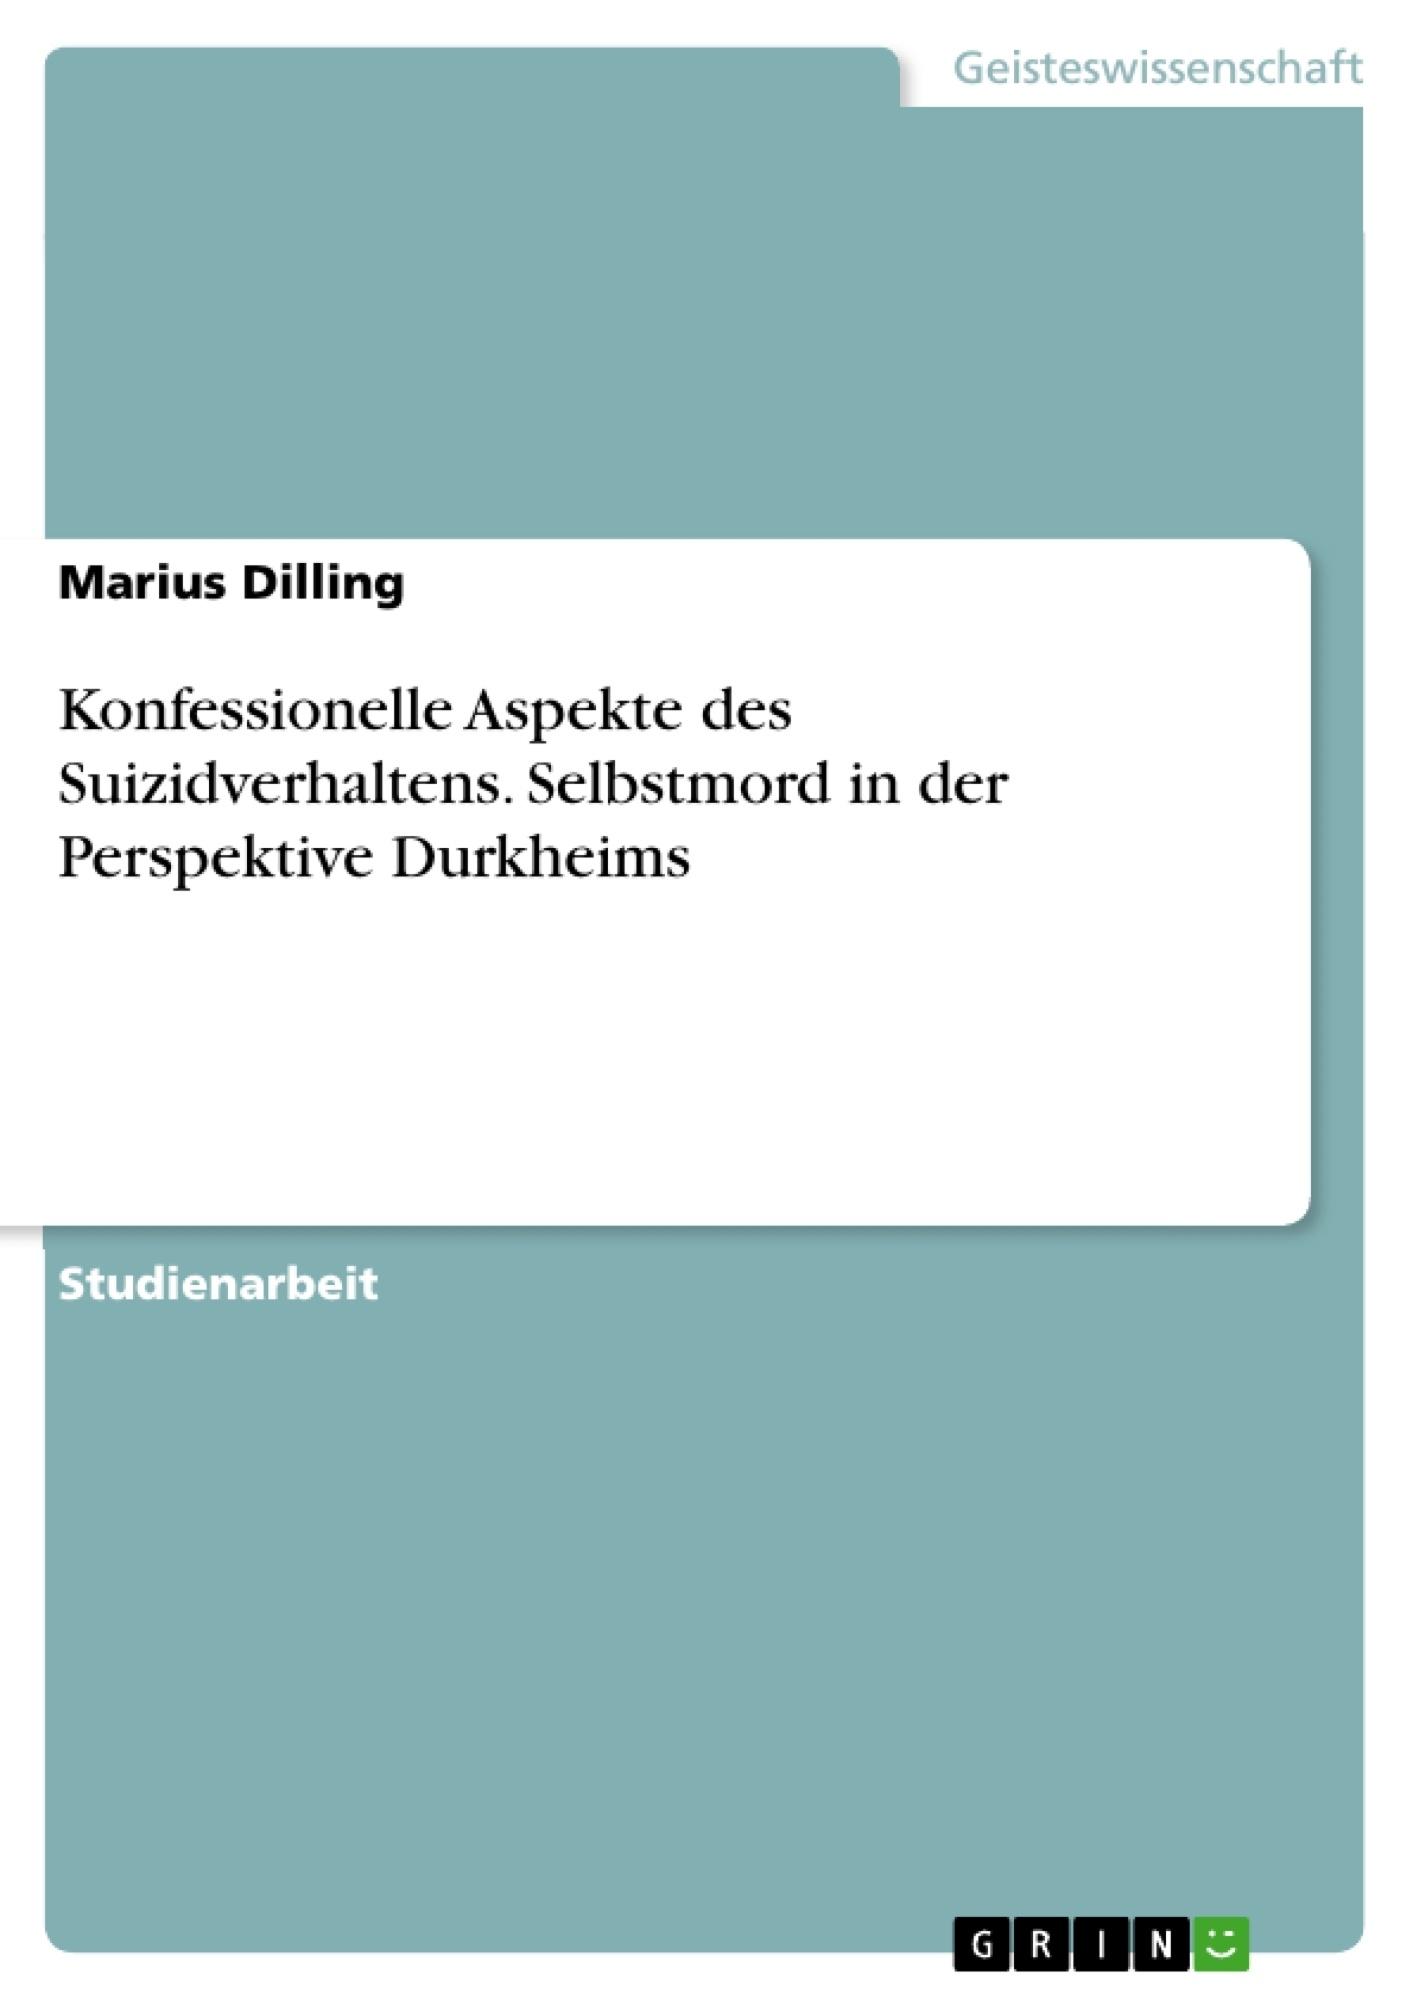 Titel: Konfessionelle Aspekte des Suizidverhaltens. Selbstmord in der Perspektive Durkheims